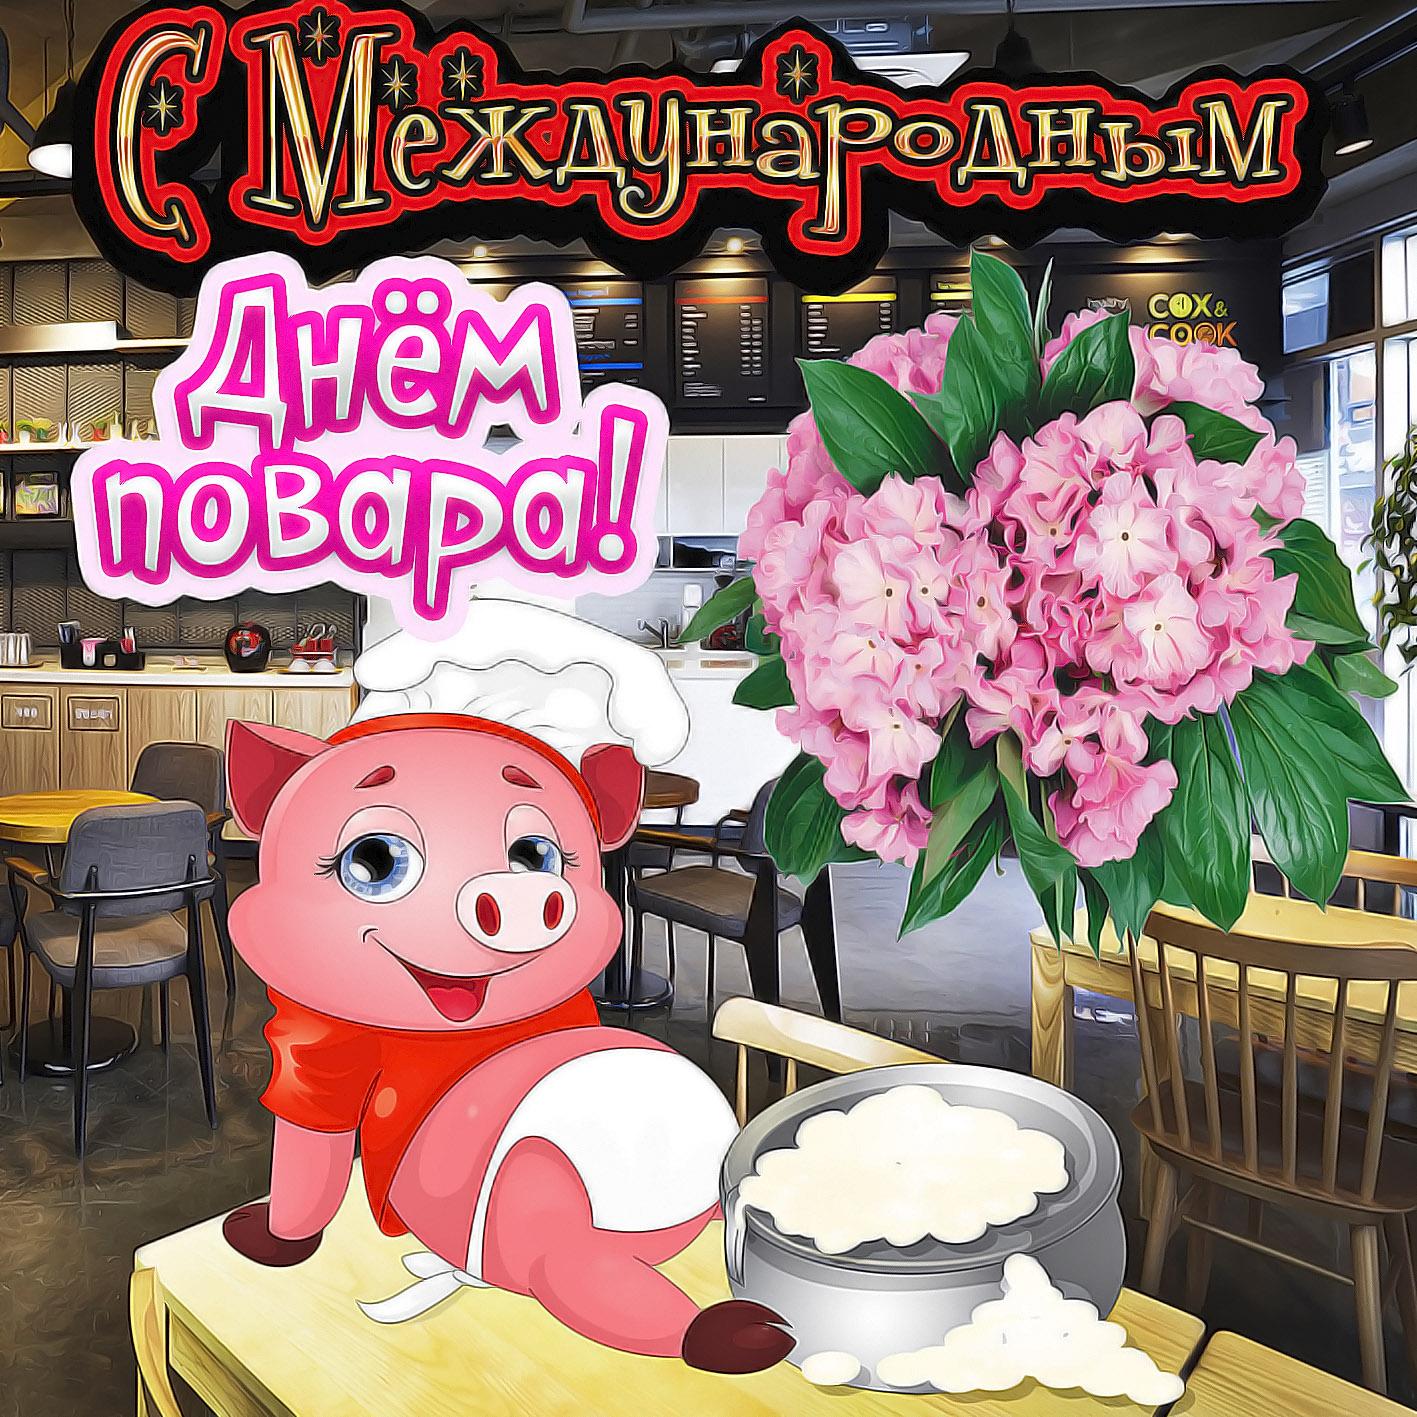 Открытка на День повара - прикольная свинка-поварёнок